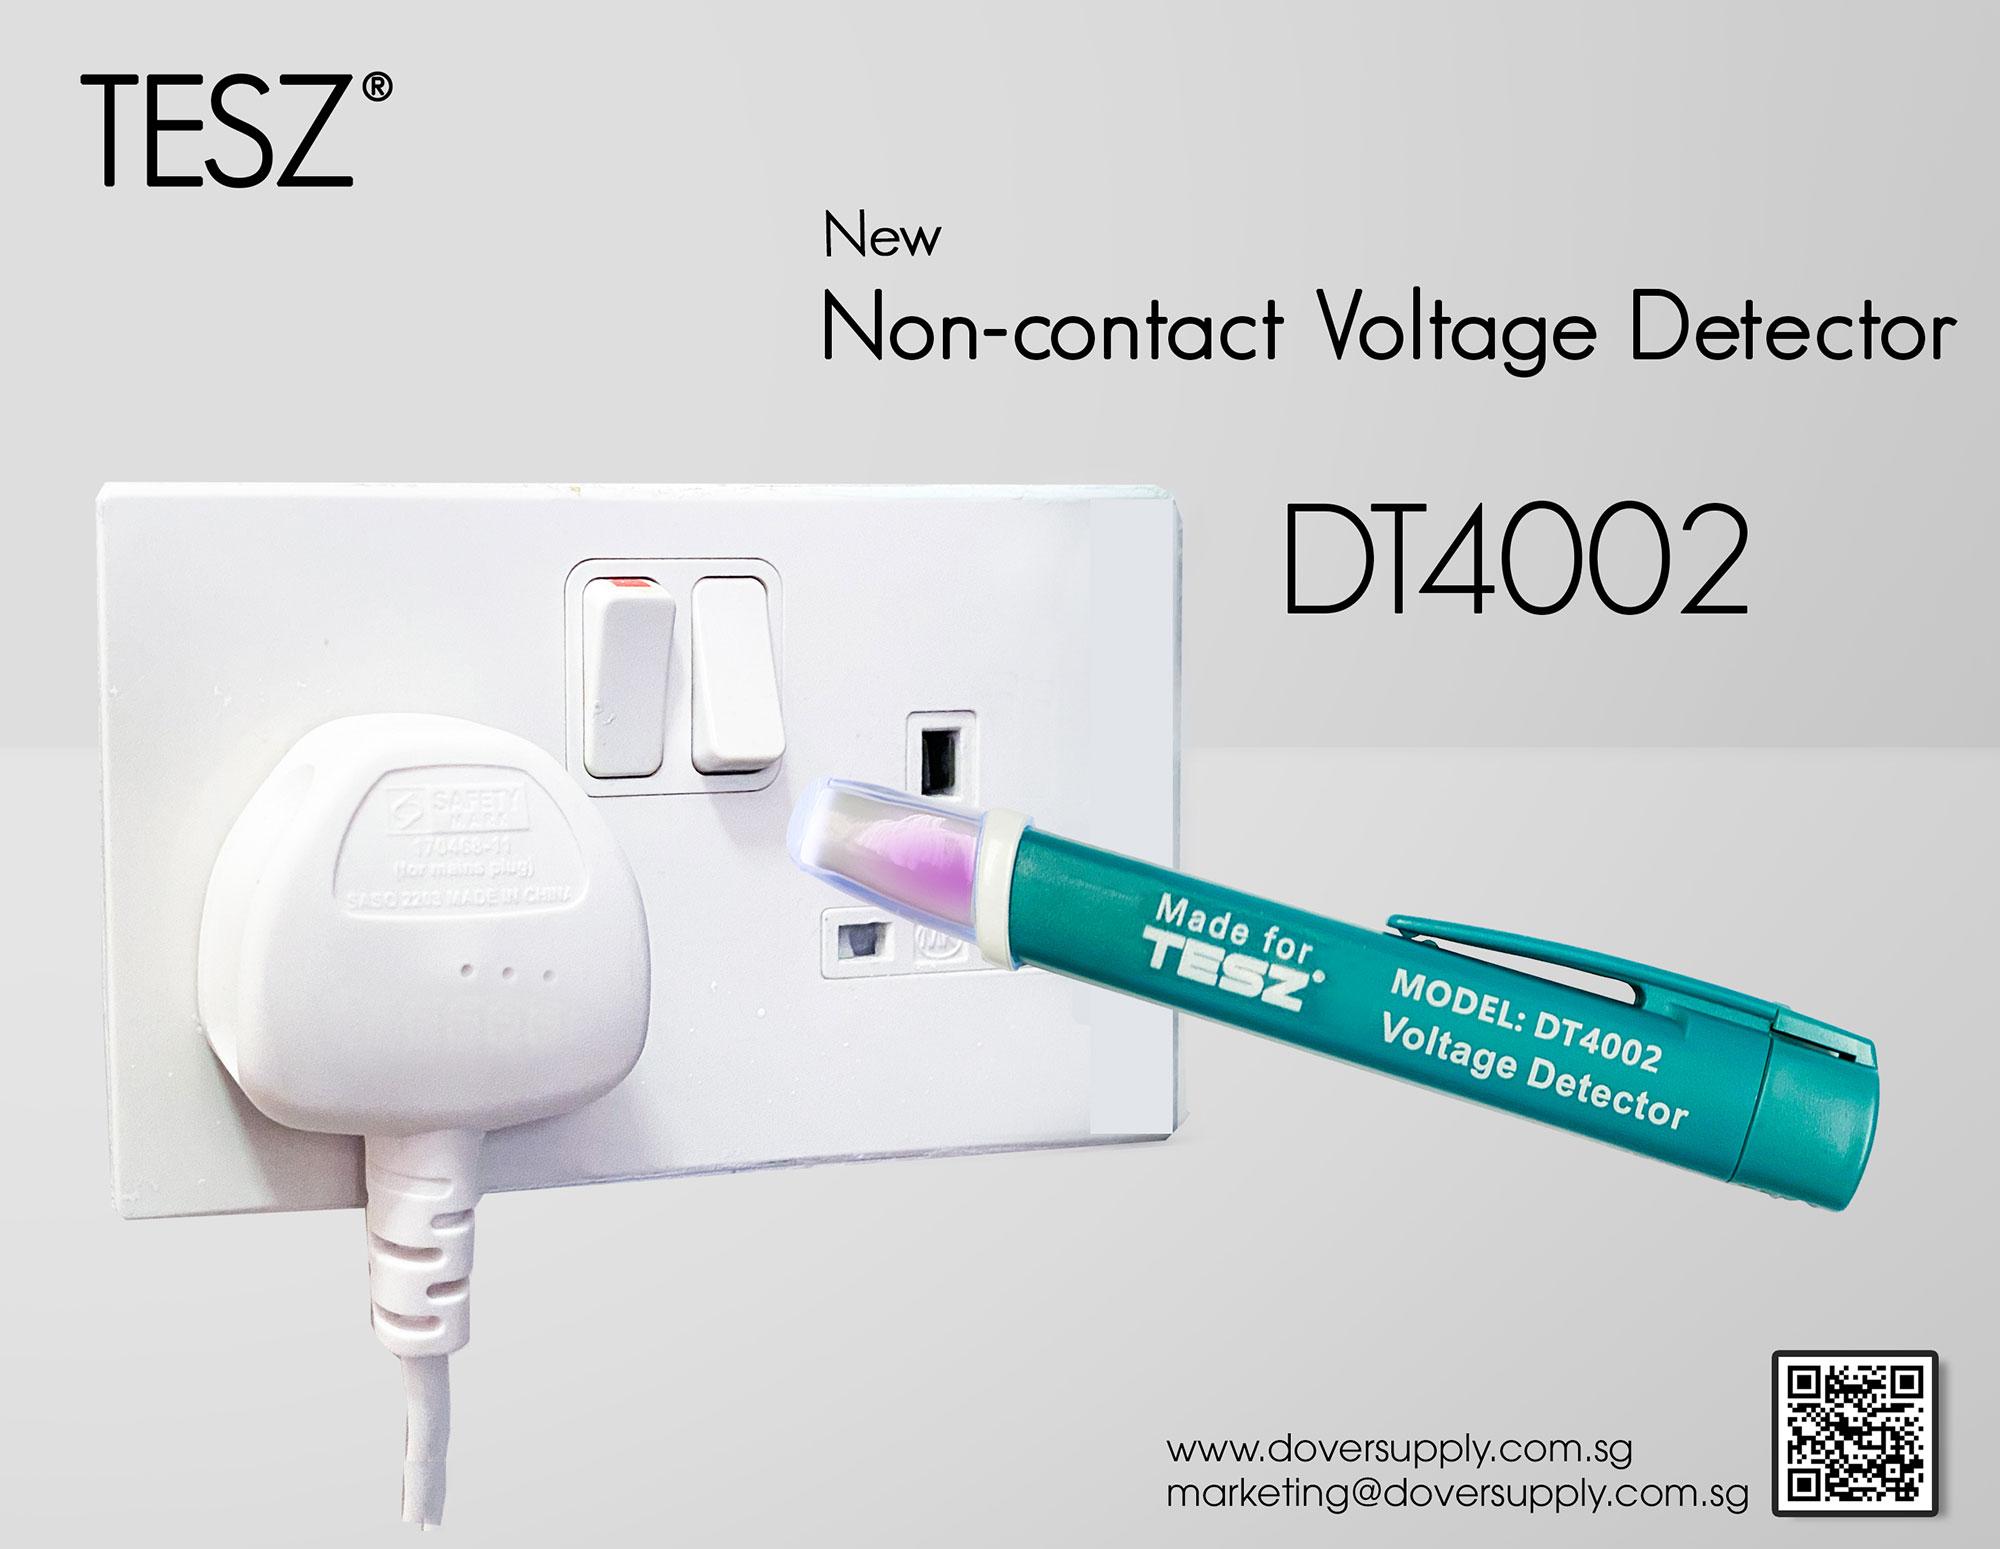 DT4002-promo